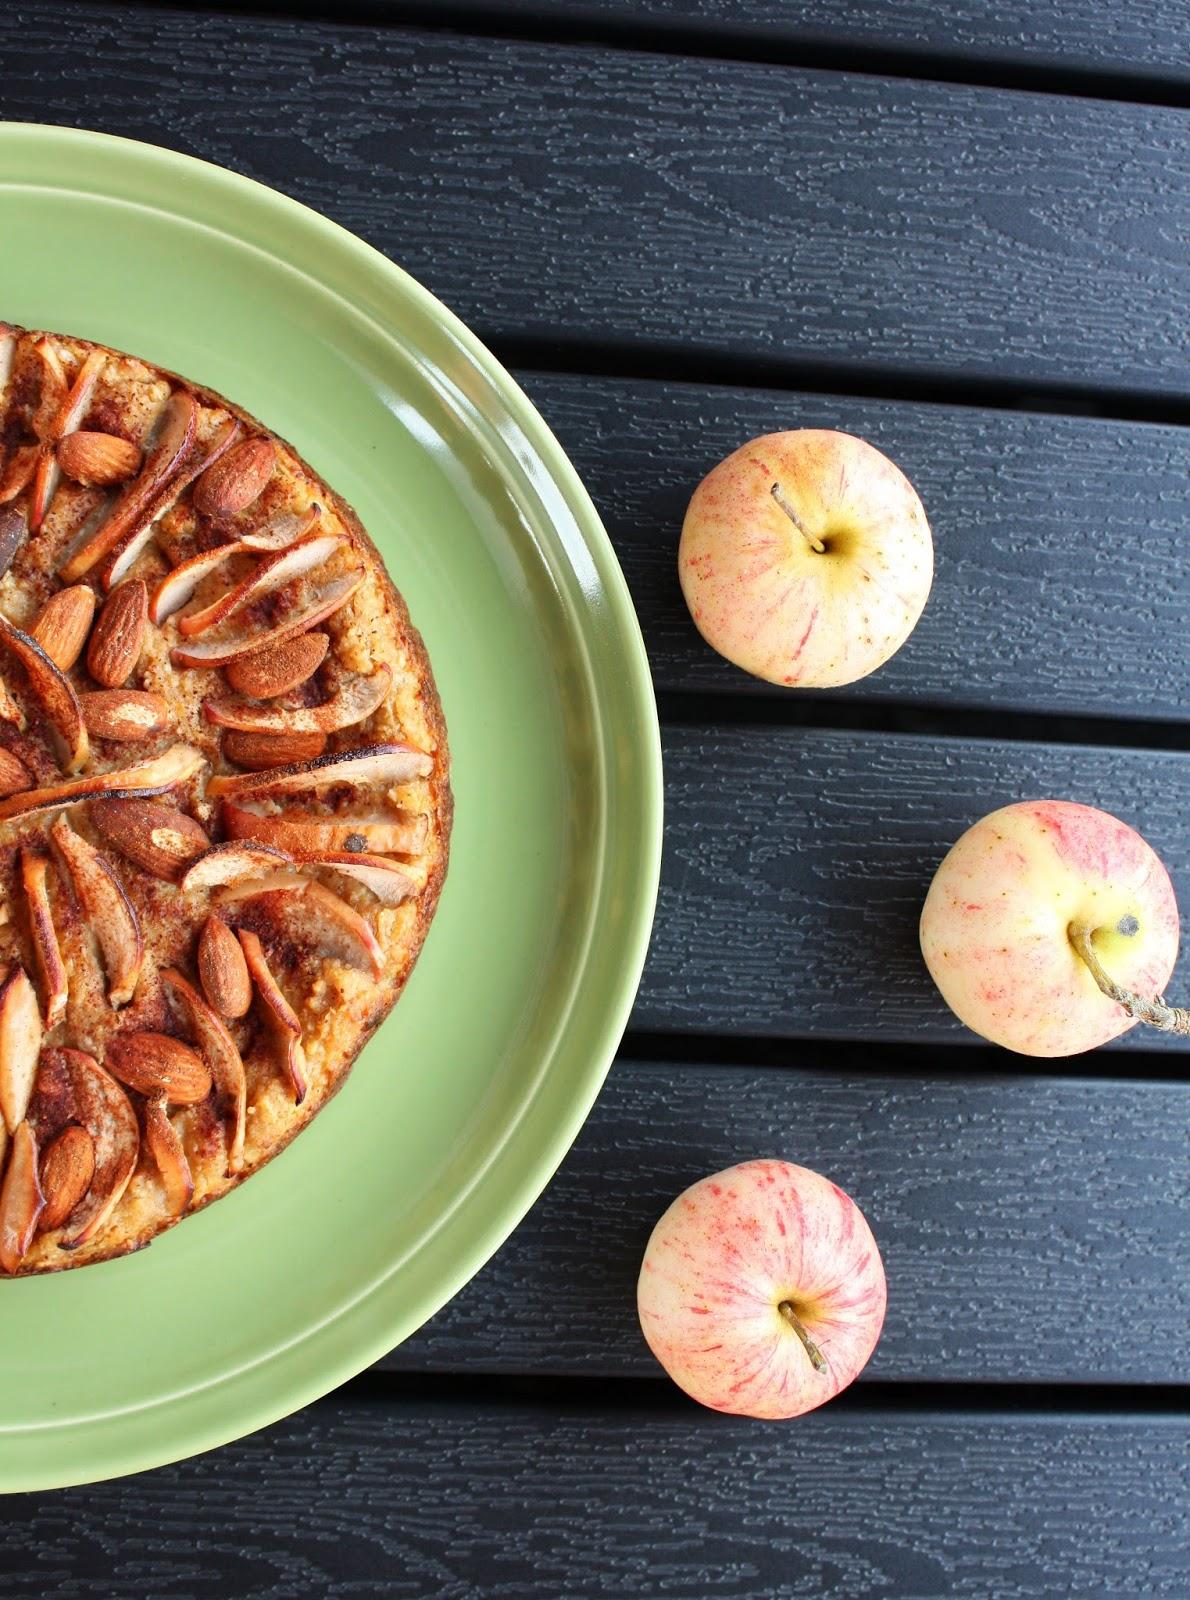 omenapiiras omena piirakka viisi raaka-ainetta mallaspulla leivonta gluteeniton sokeriton maidoton